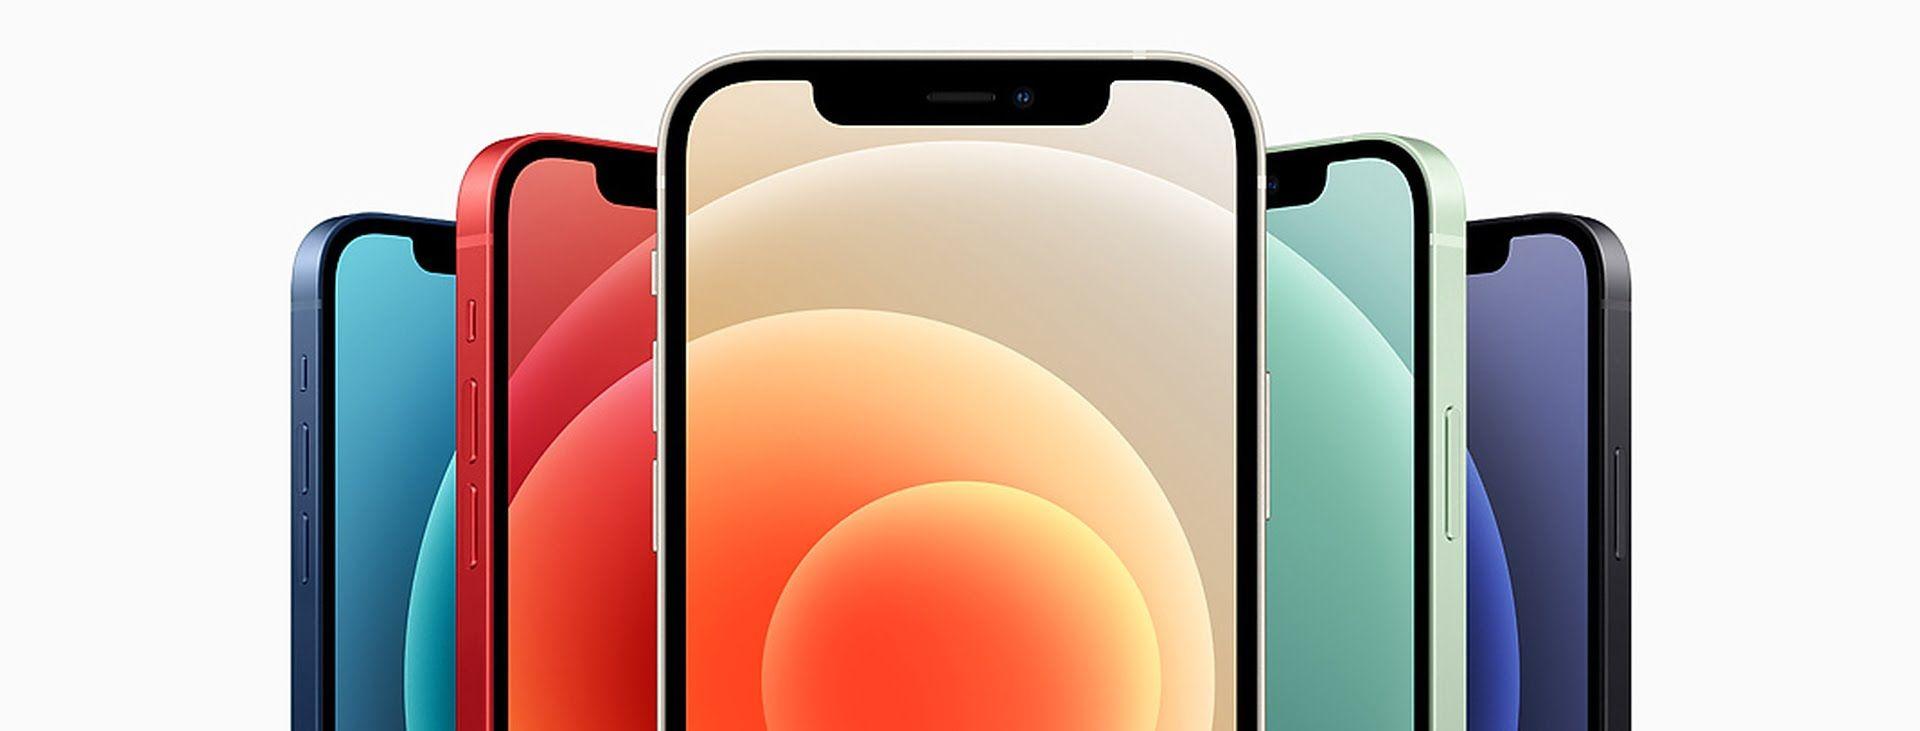 Bardzo wysoki poziom sprzedaży iPhone'ów 12 w Chinach